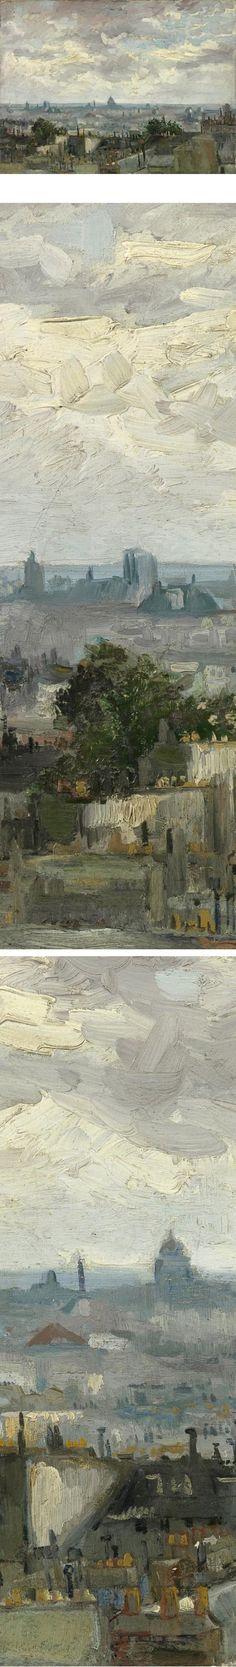 View of Paris, Vincent van Gogh